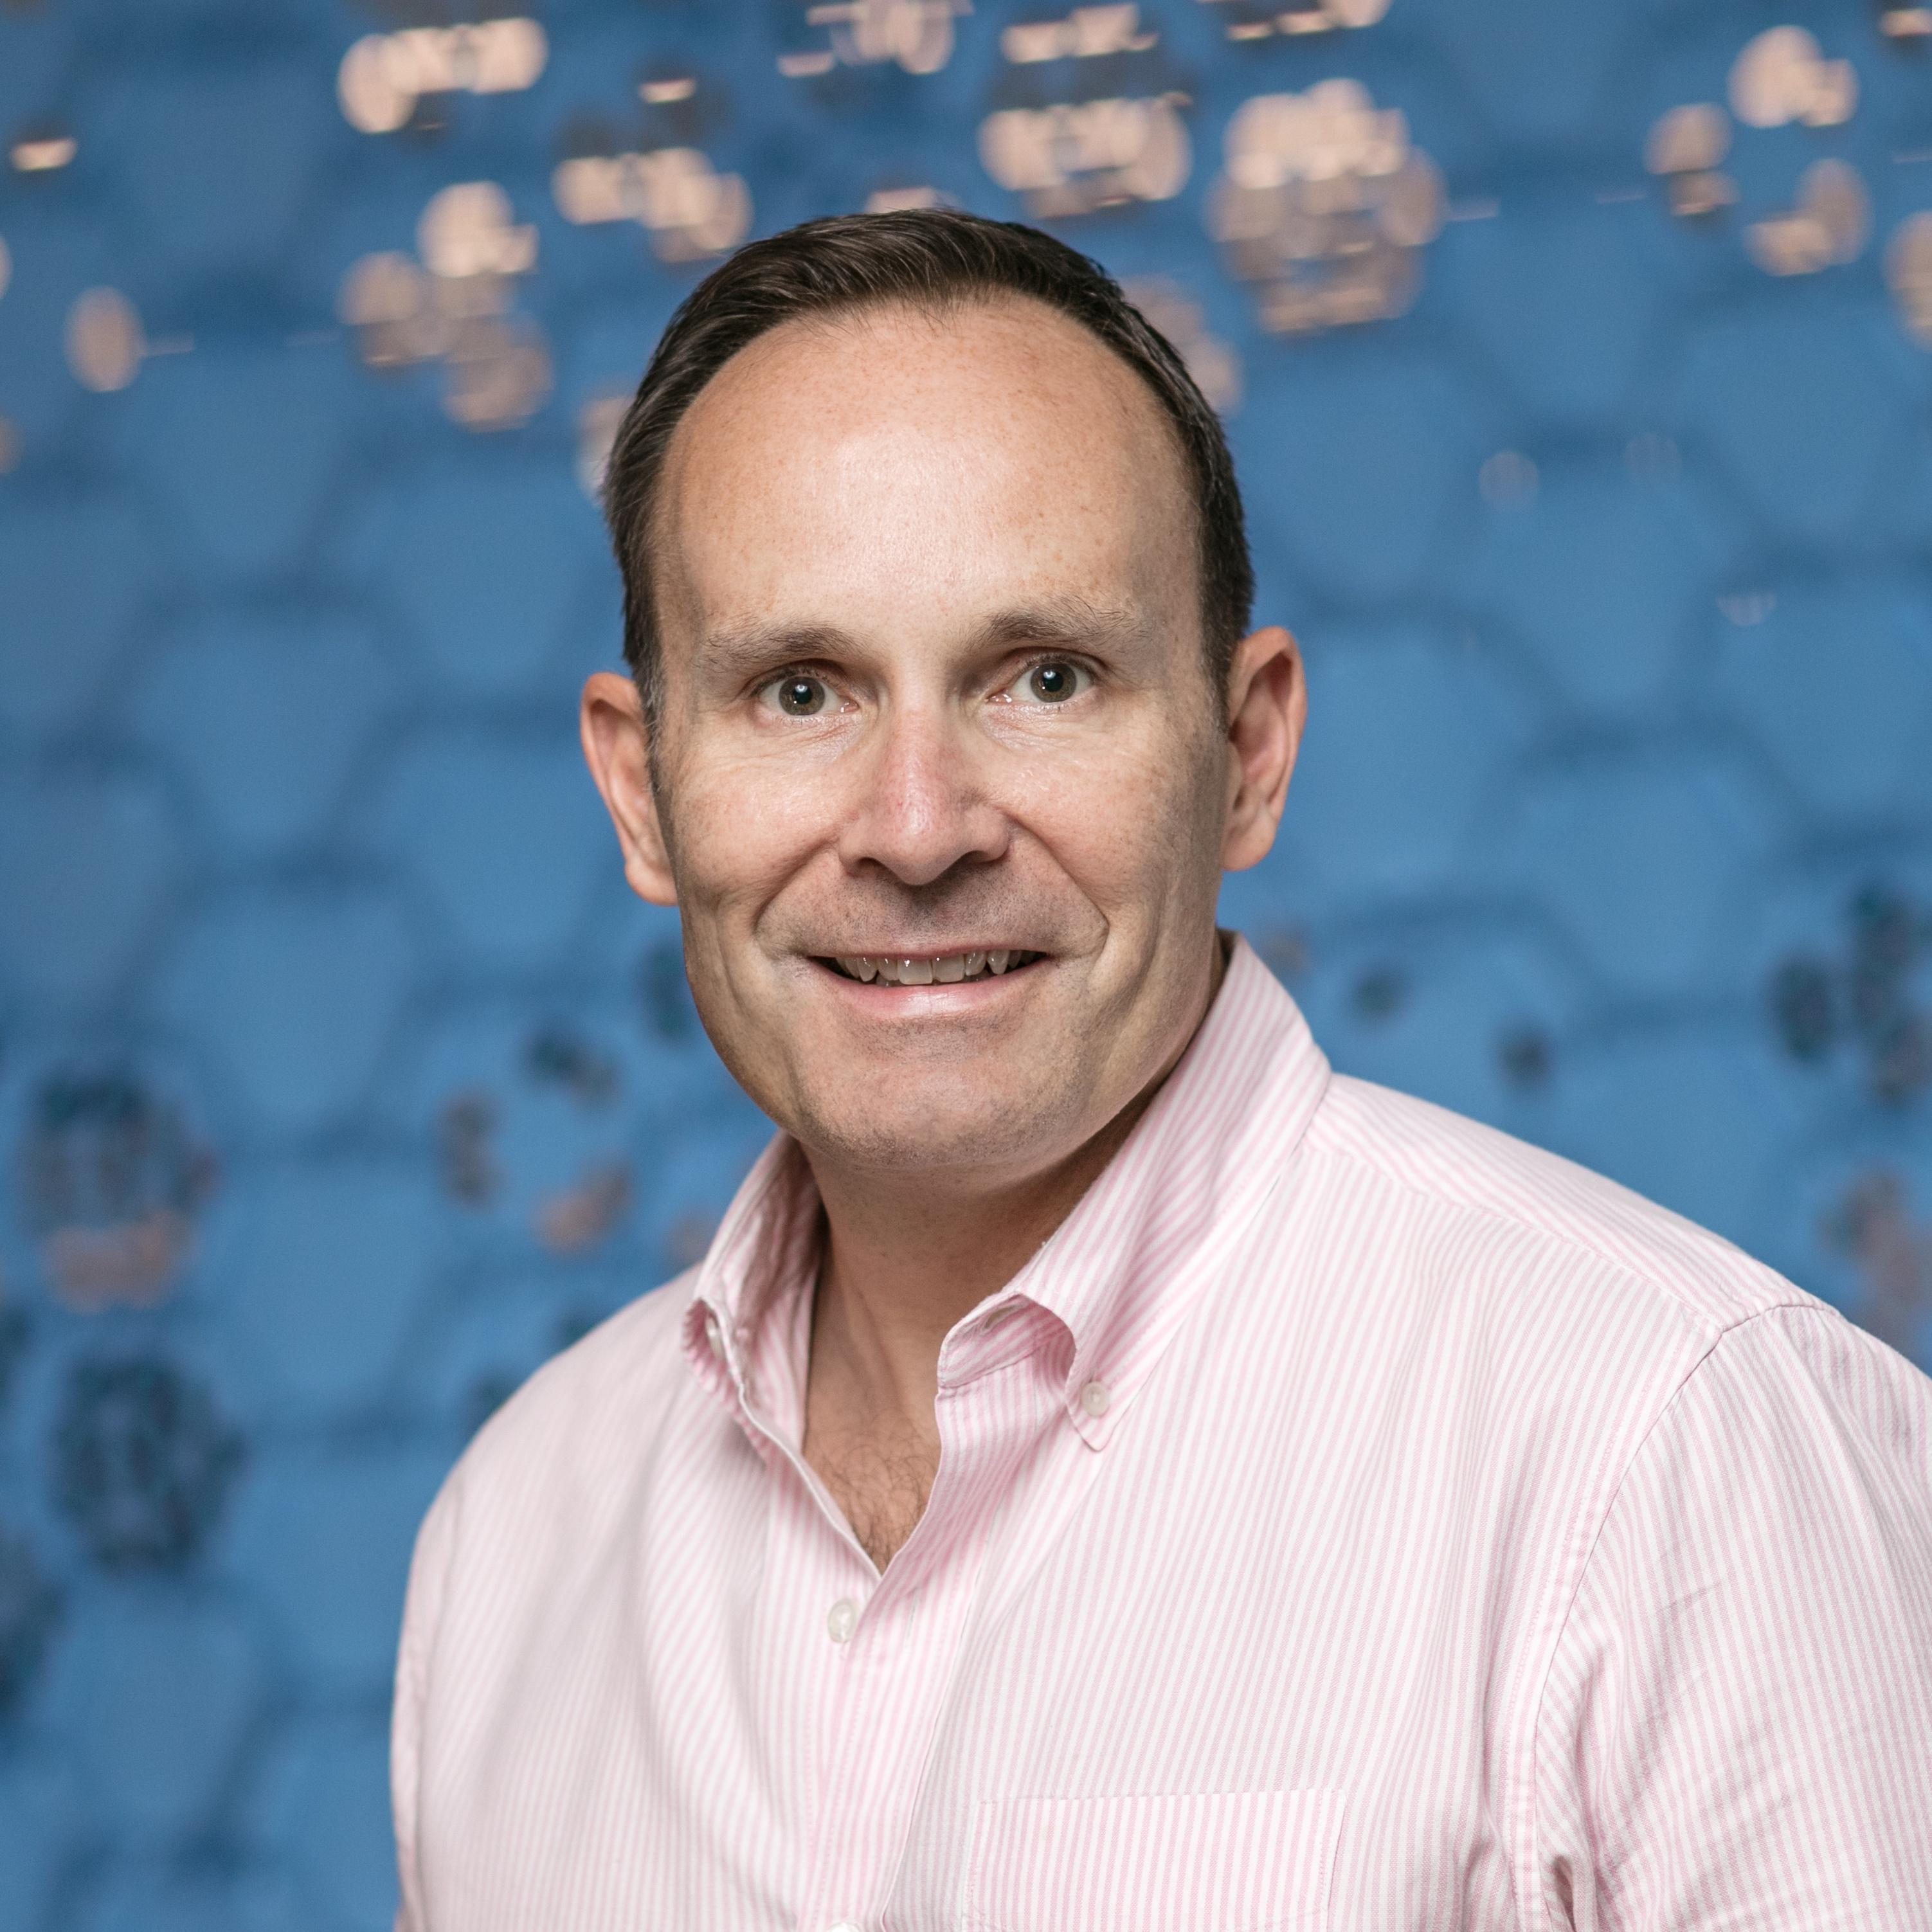 Peter Crosby